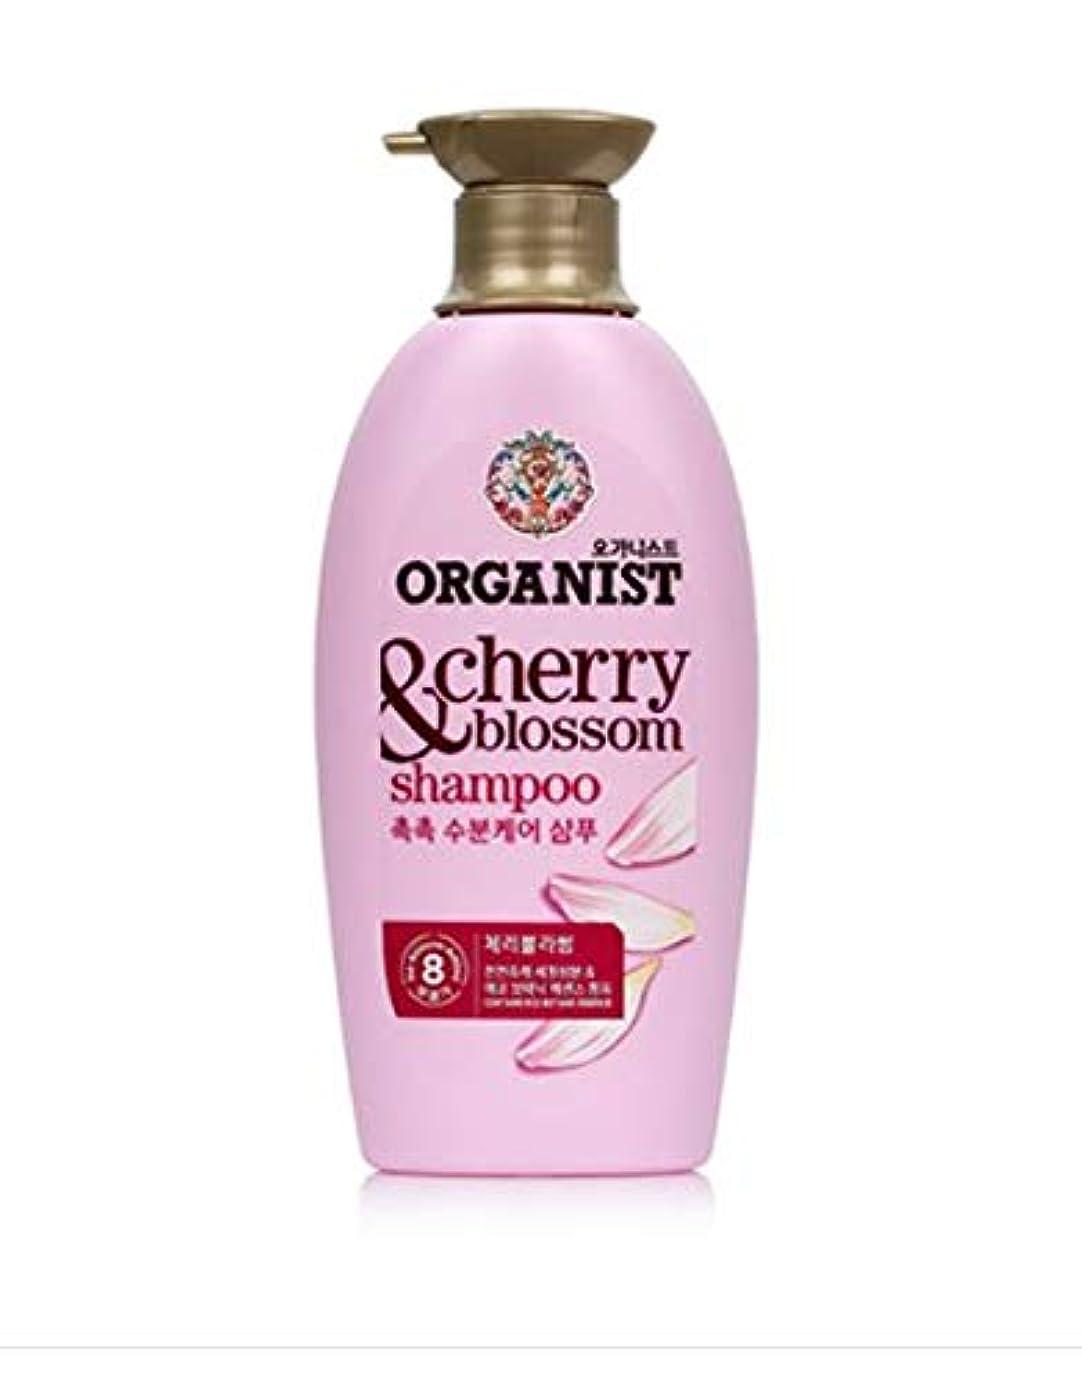 クライマックスハンバーガー斧オーガニスト (ORGANIST)チェリーブロッサムシャンプー500ml/ ORGANIST Cherry Blossom Hydrating Shampoo 500ml [並行輸入品]